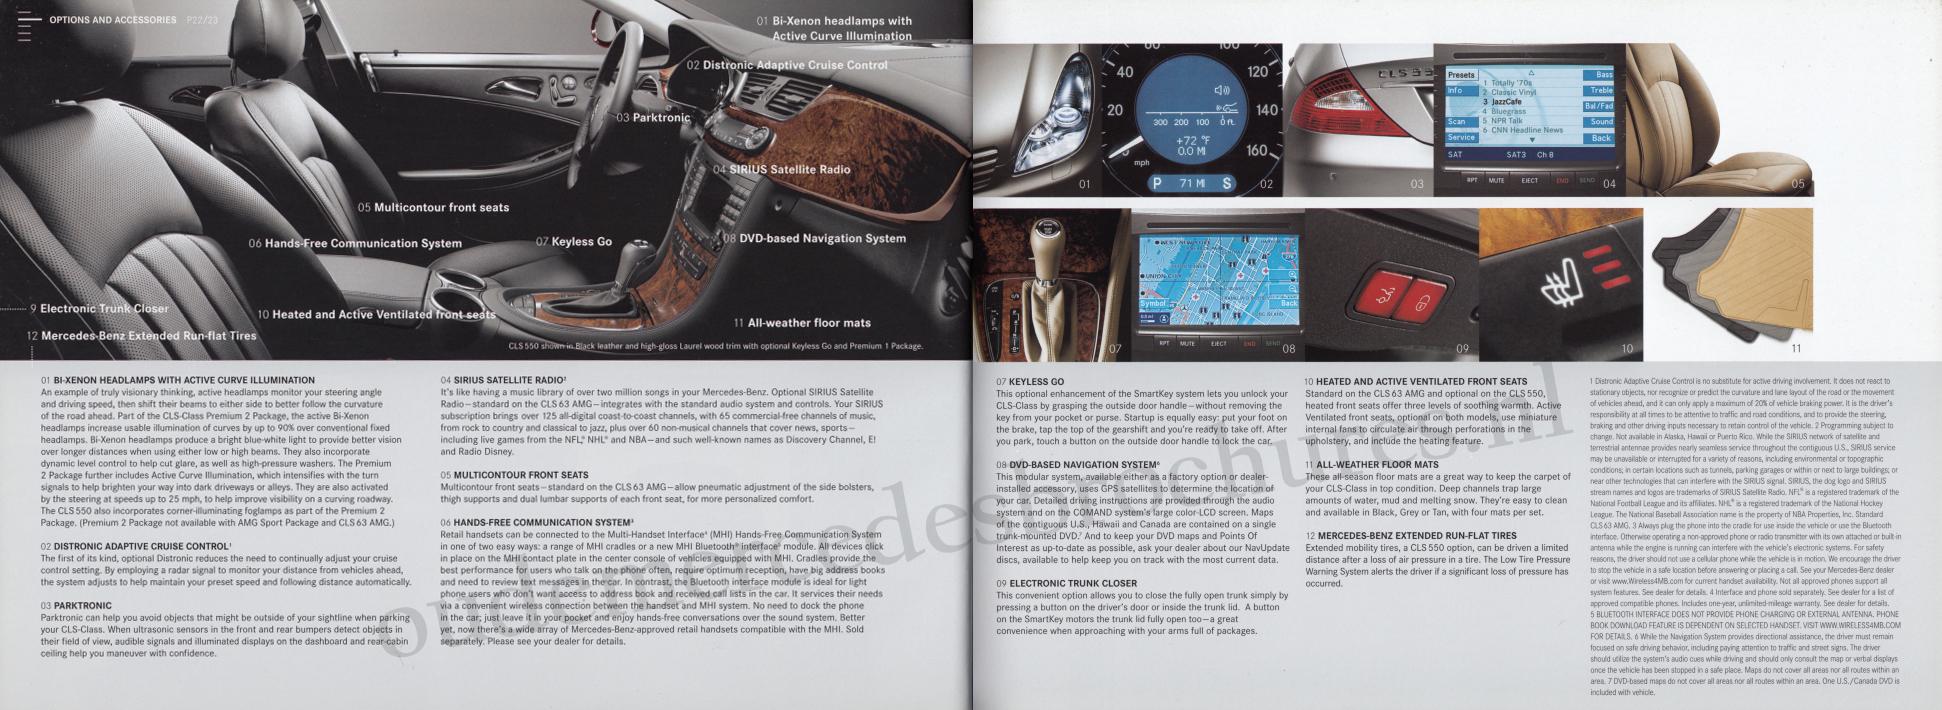 (C219): Catálogo USA 2007 - inglês 013